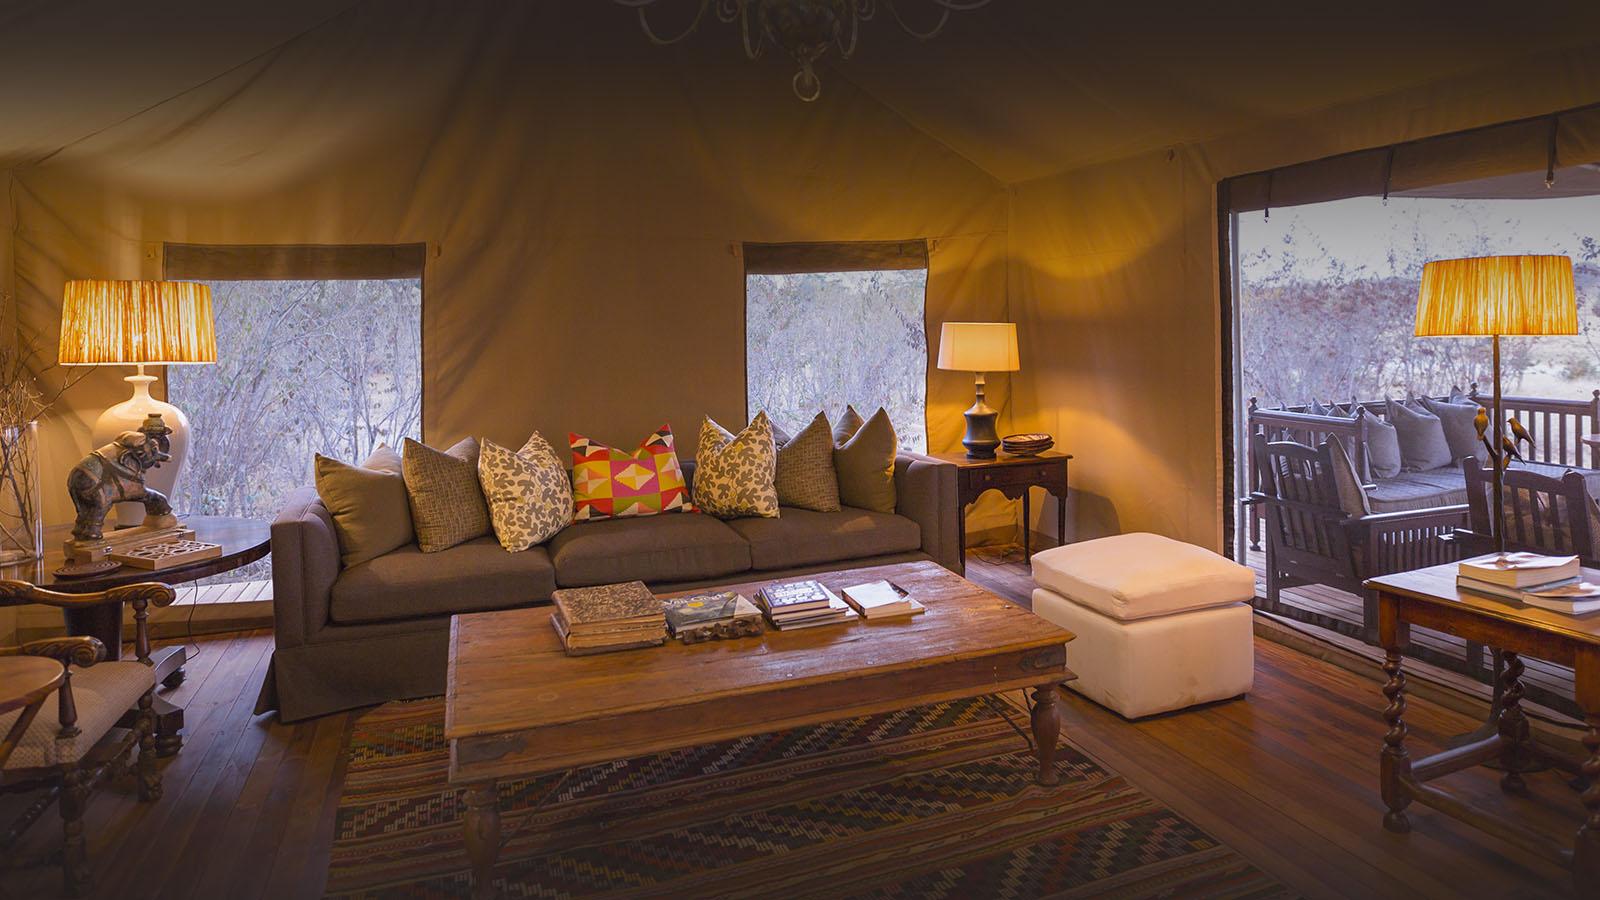 verneys machaba hwange-national-park-safari-zimbabwe-luxury-accommodation-lounge-interior